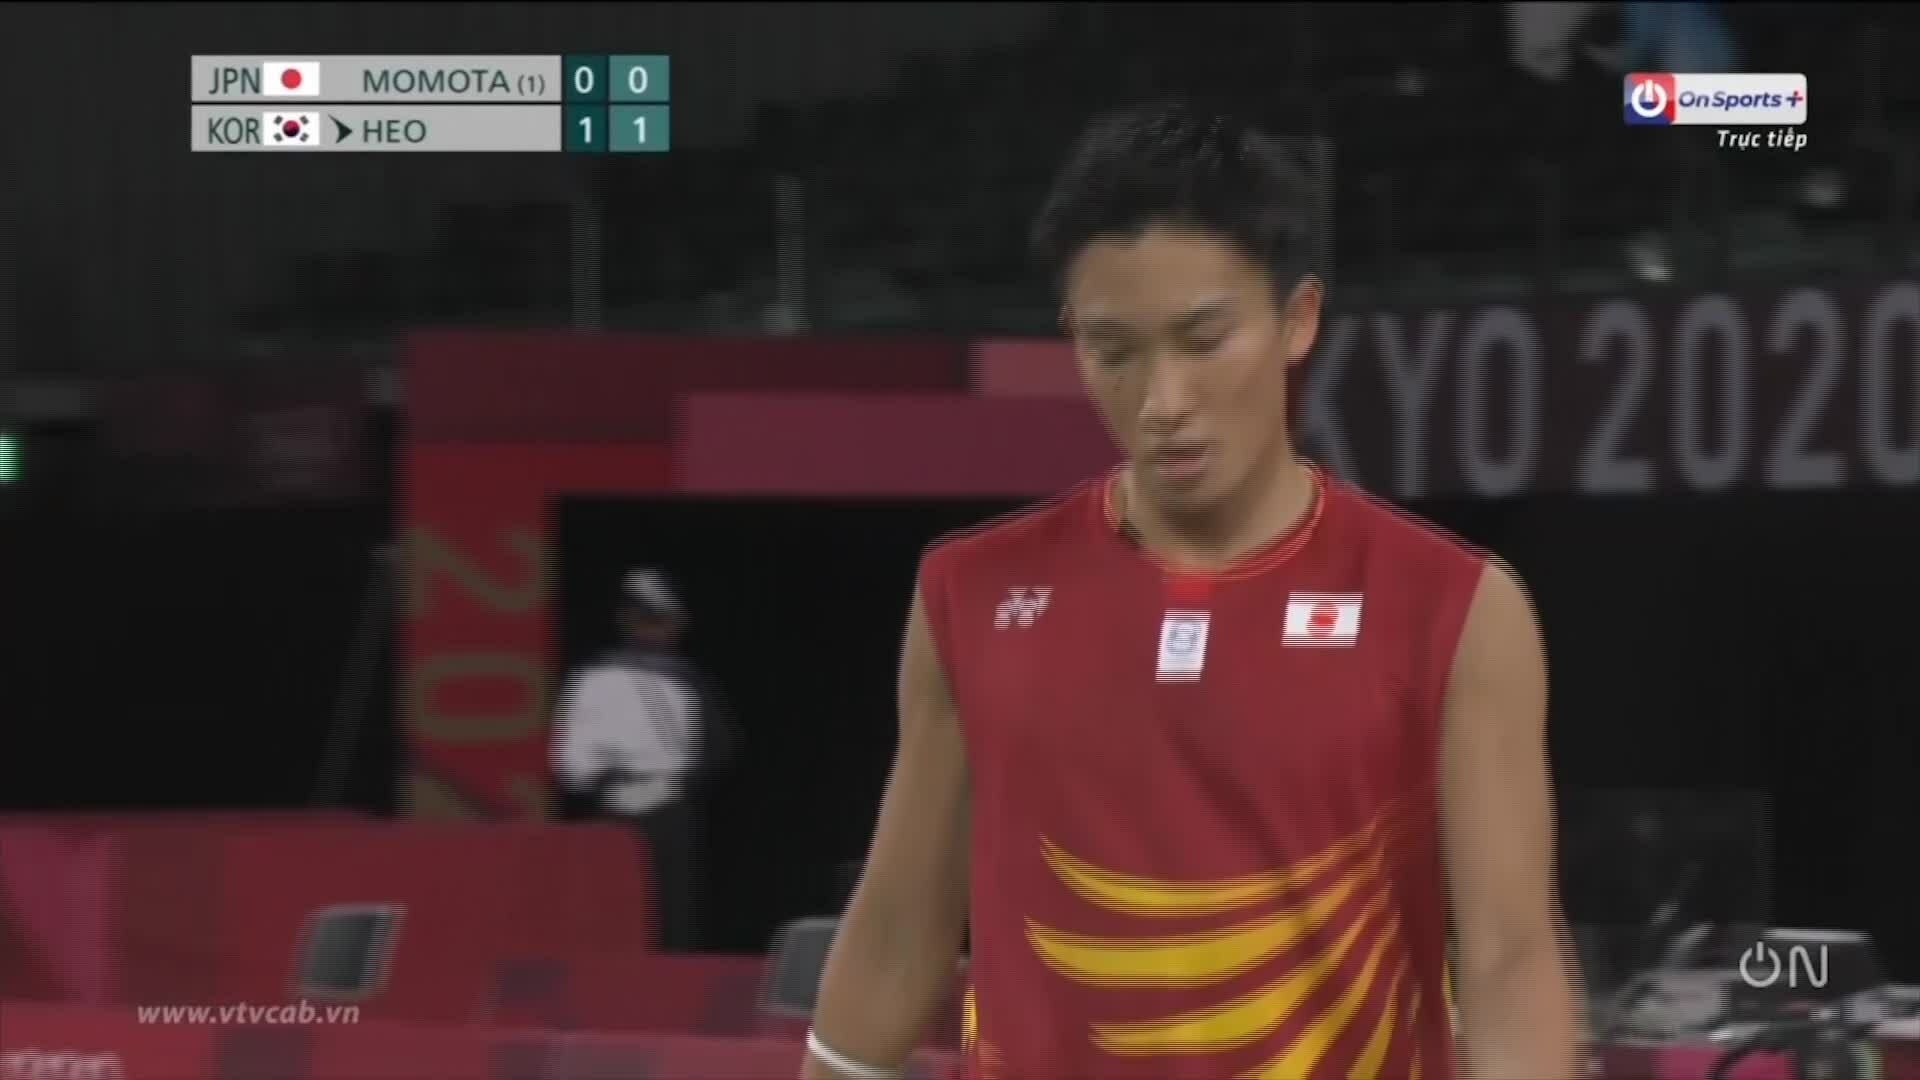 Kento Momota is eliminated